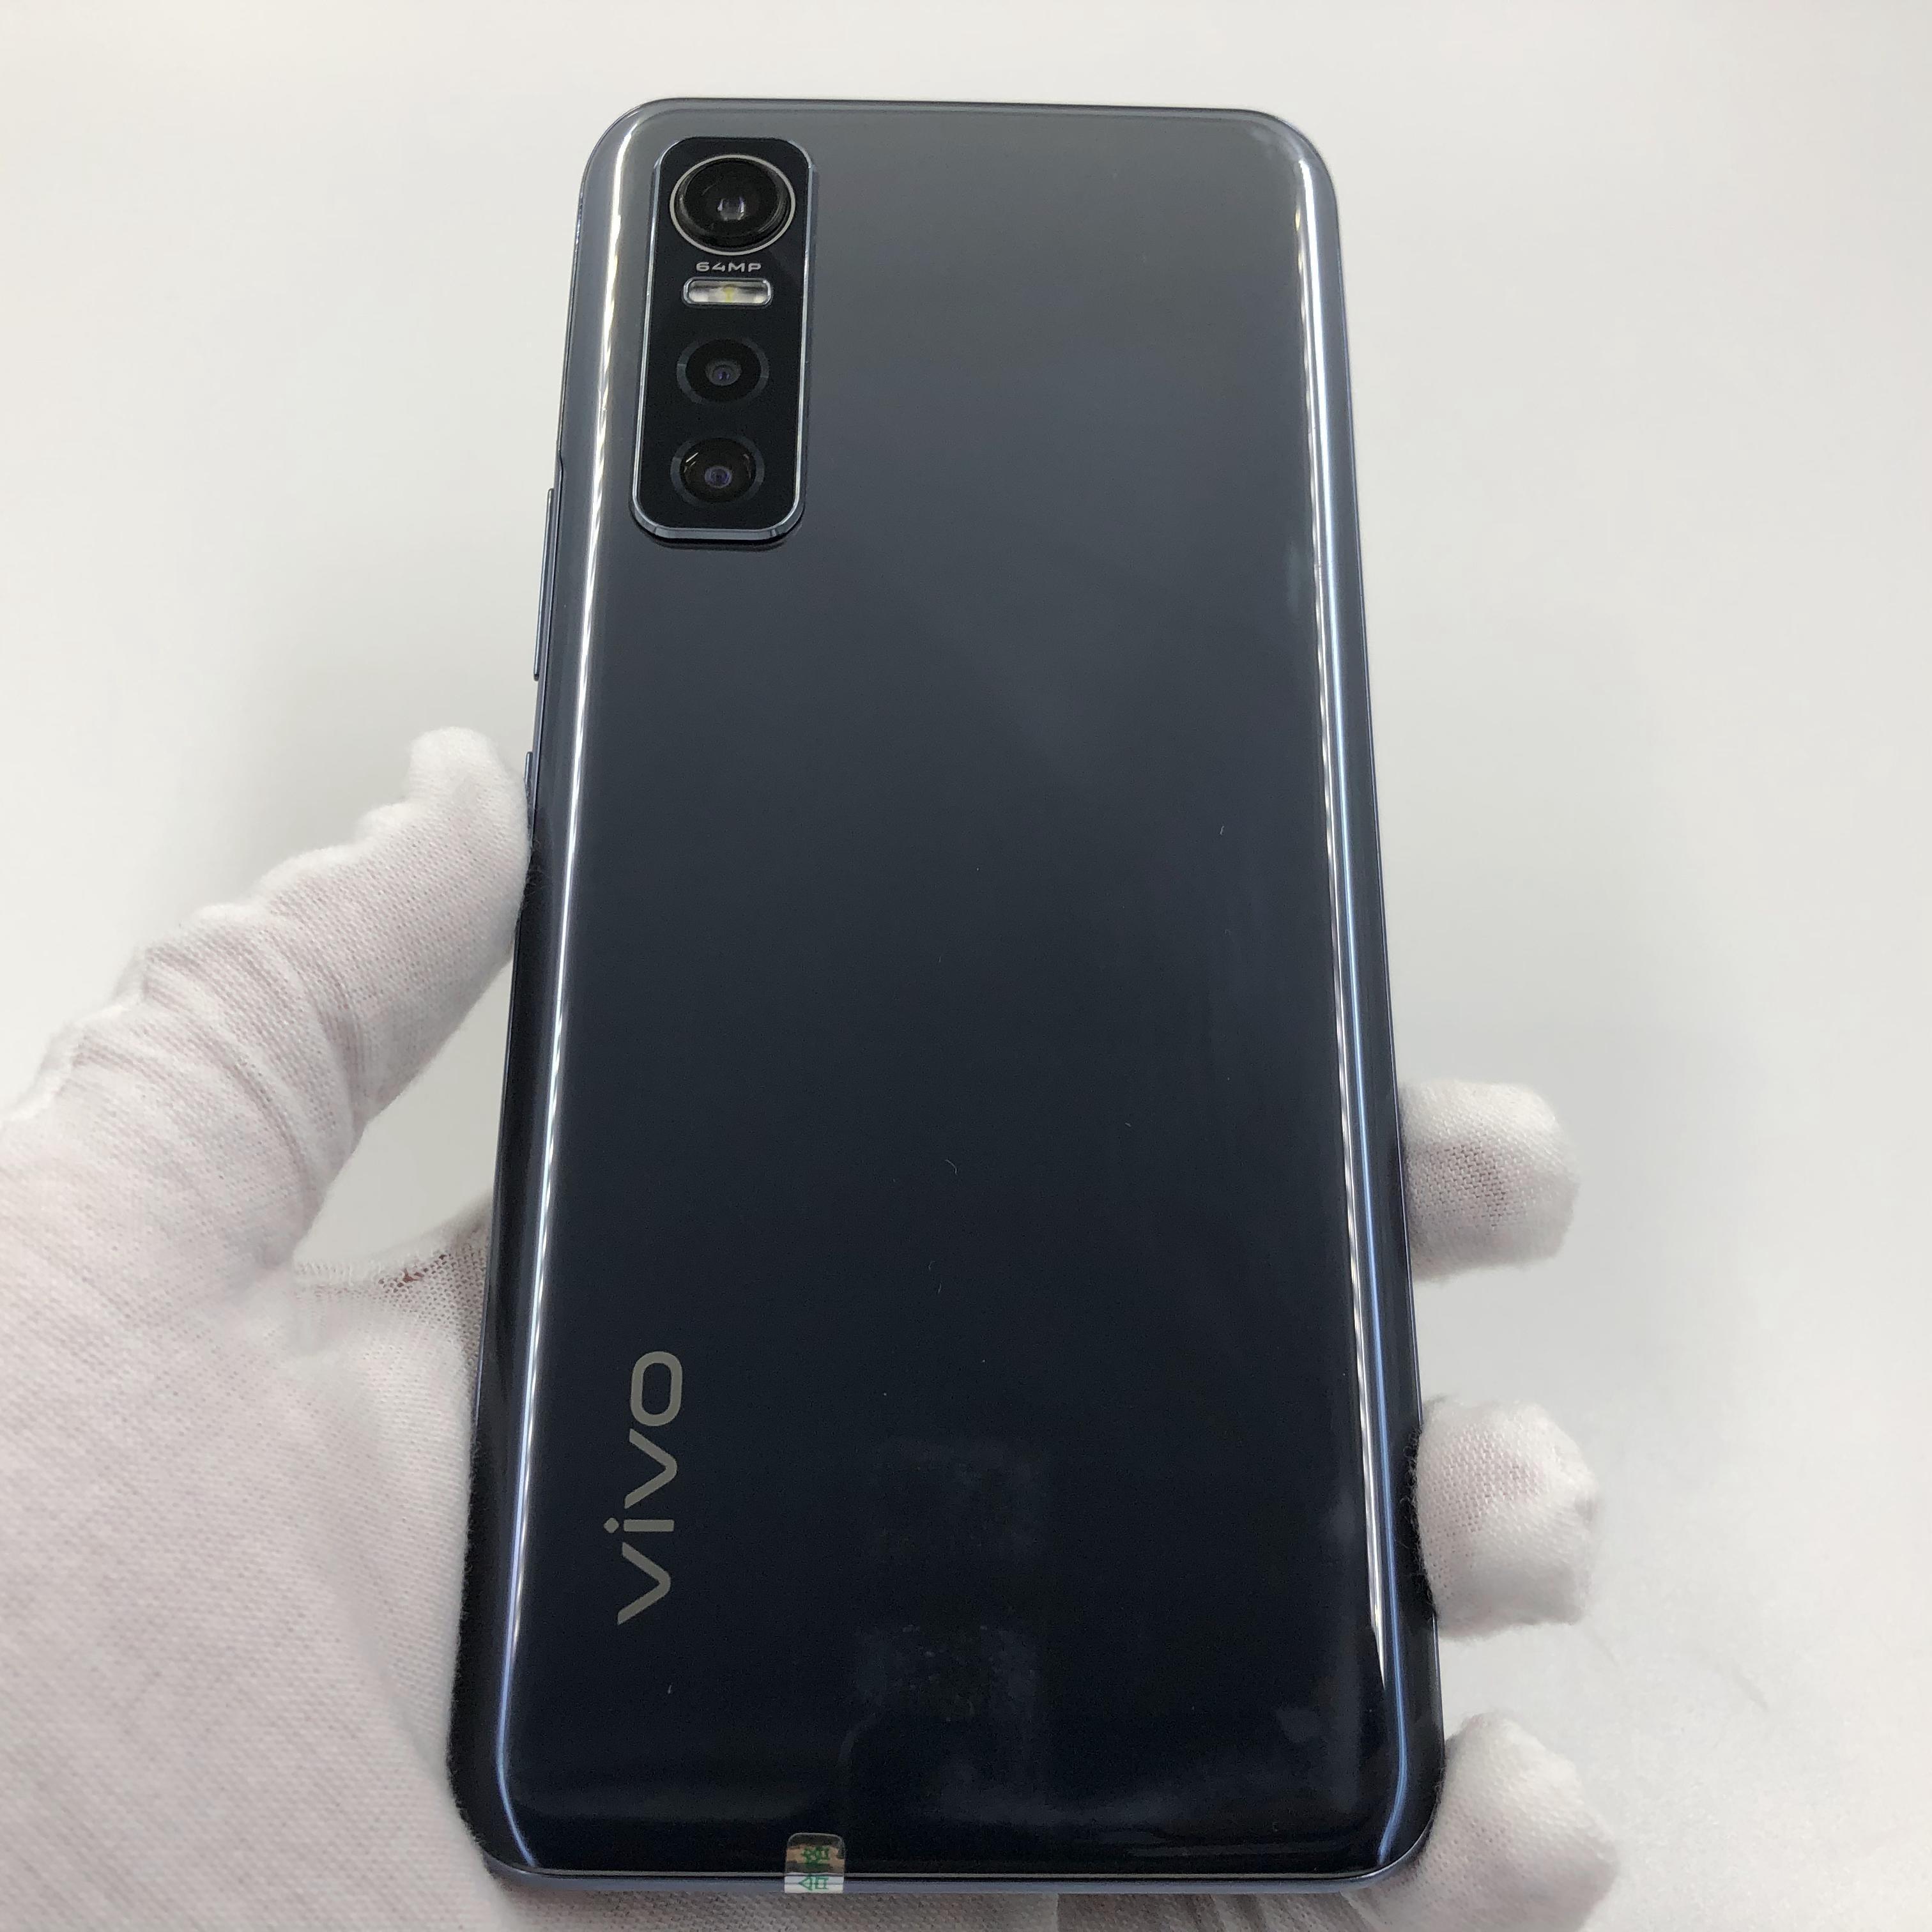 vivo【S7e 5G】5G全网通 黑镜 8G/128G 国行 9成新 真机实拍原包装盒+配件